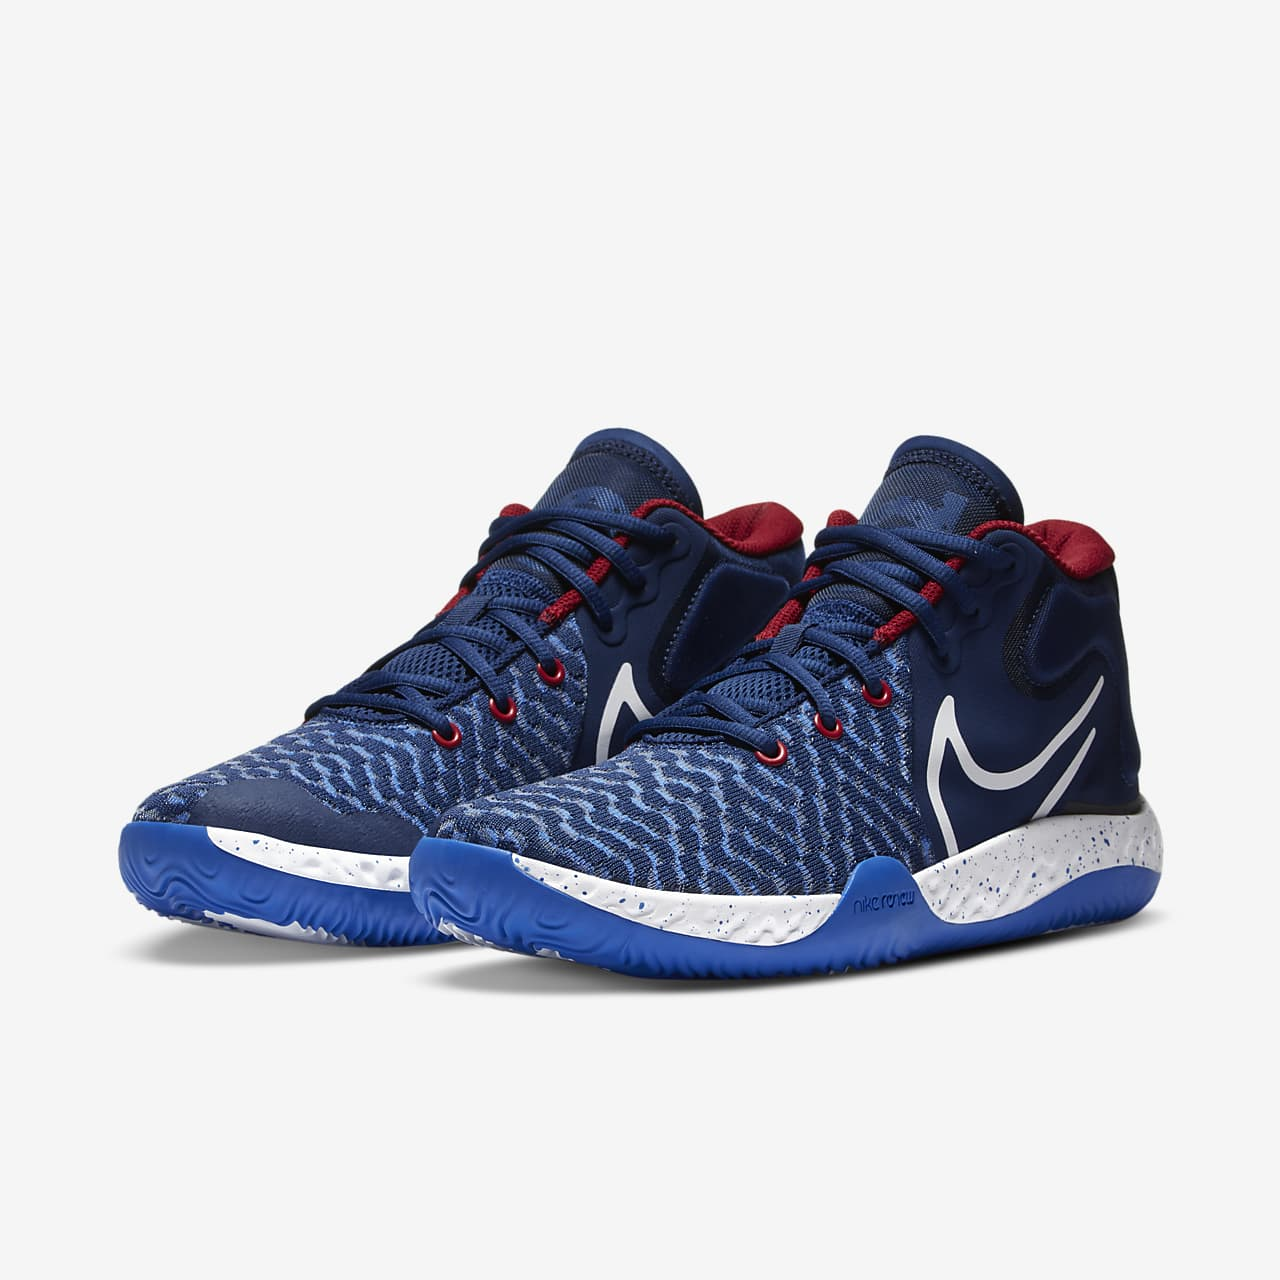 유럽직배송 나이키 NIKE KD Trey 5 VIII Basketball Shoe CK2090-402